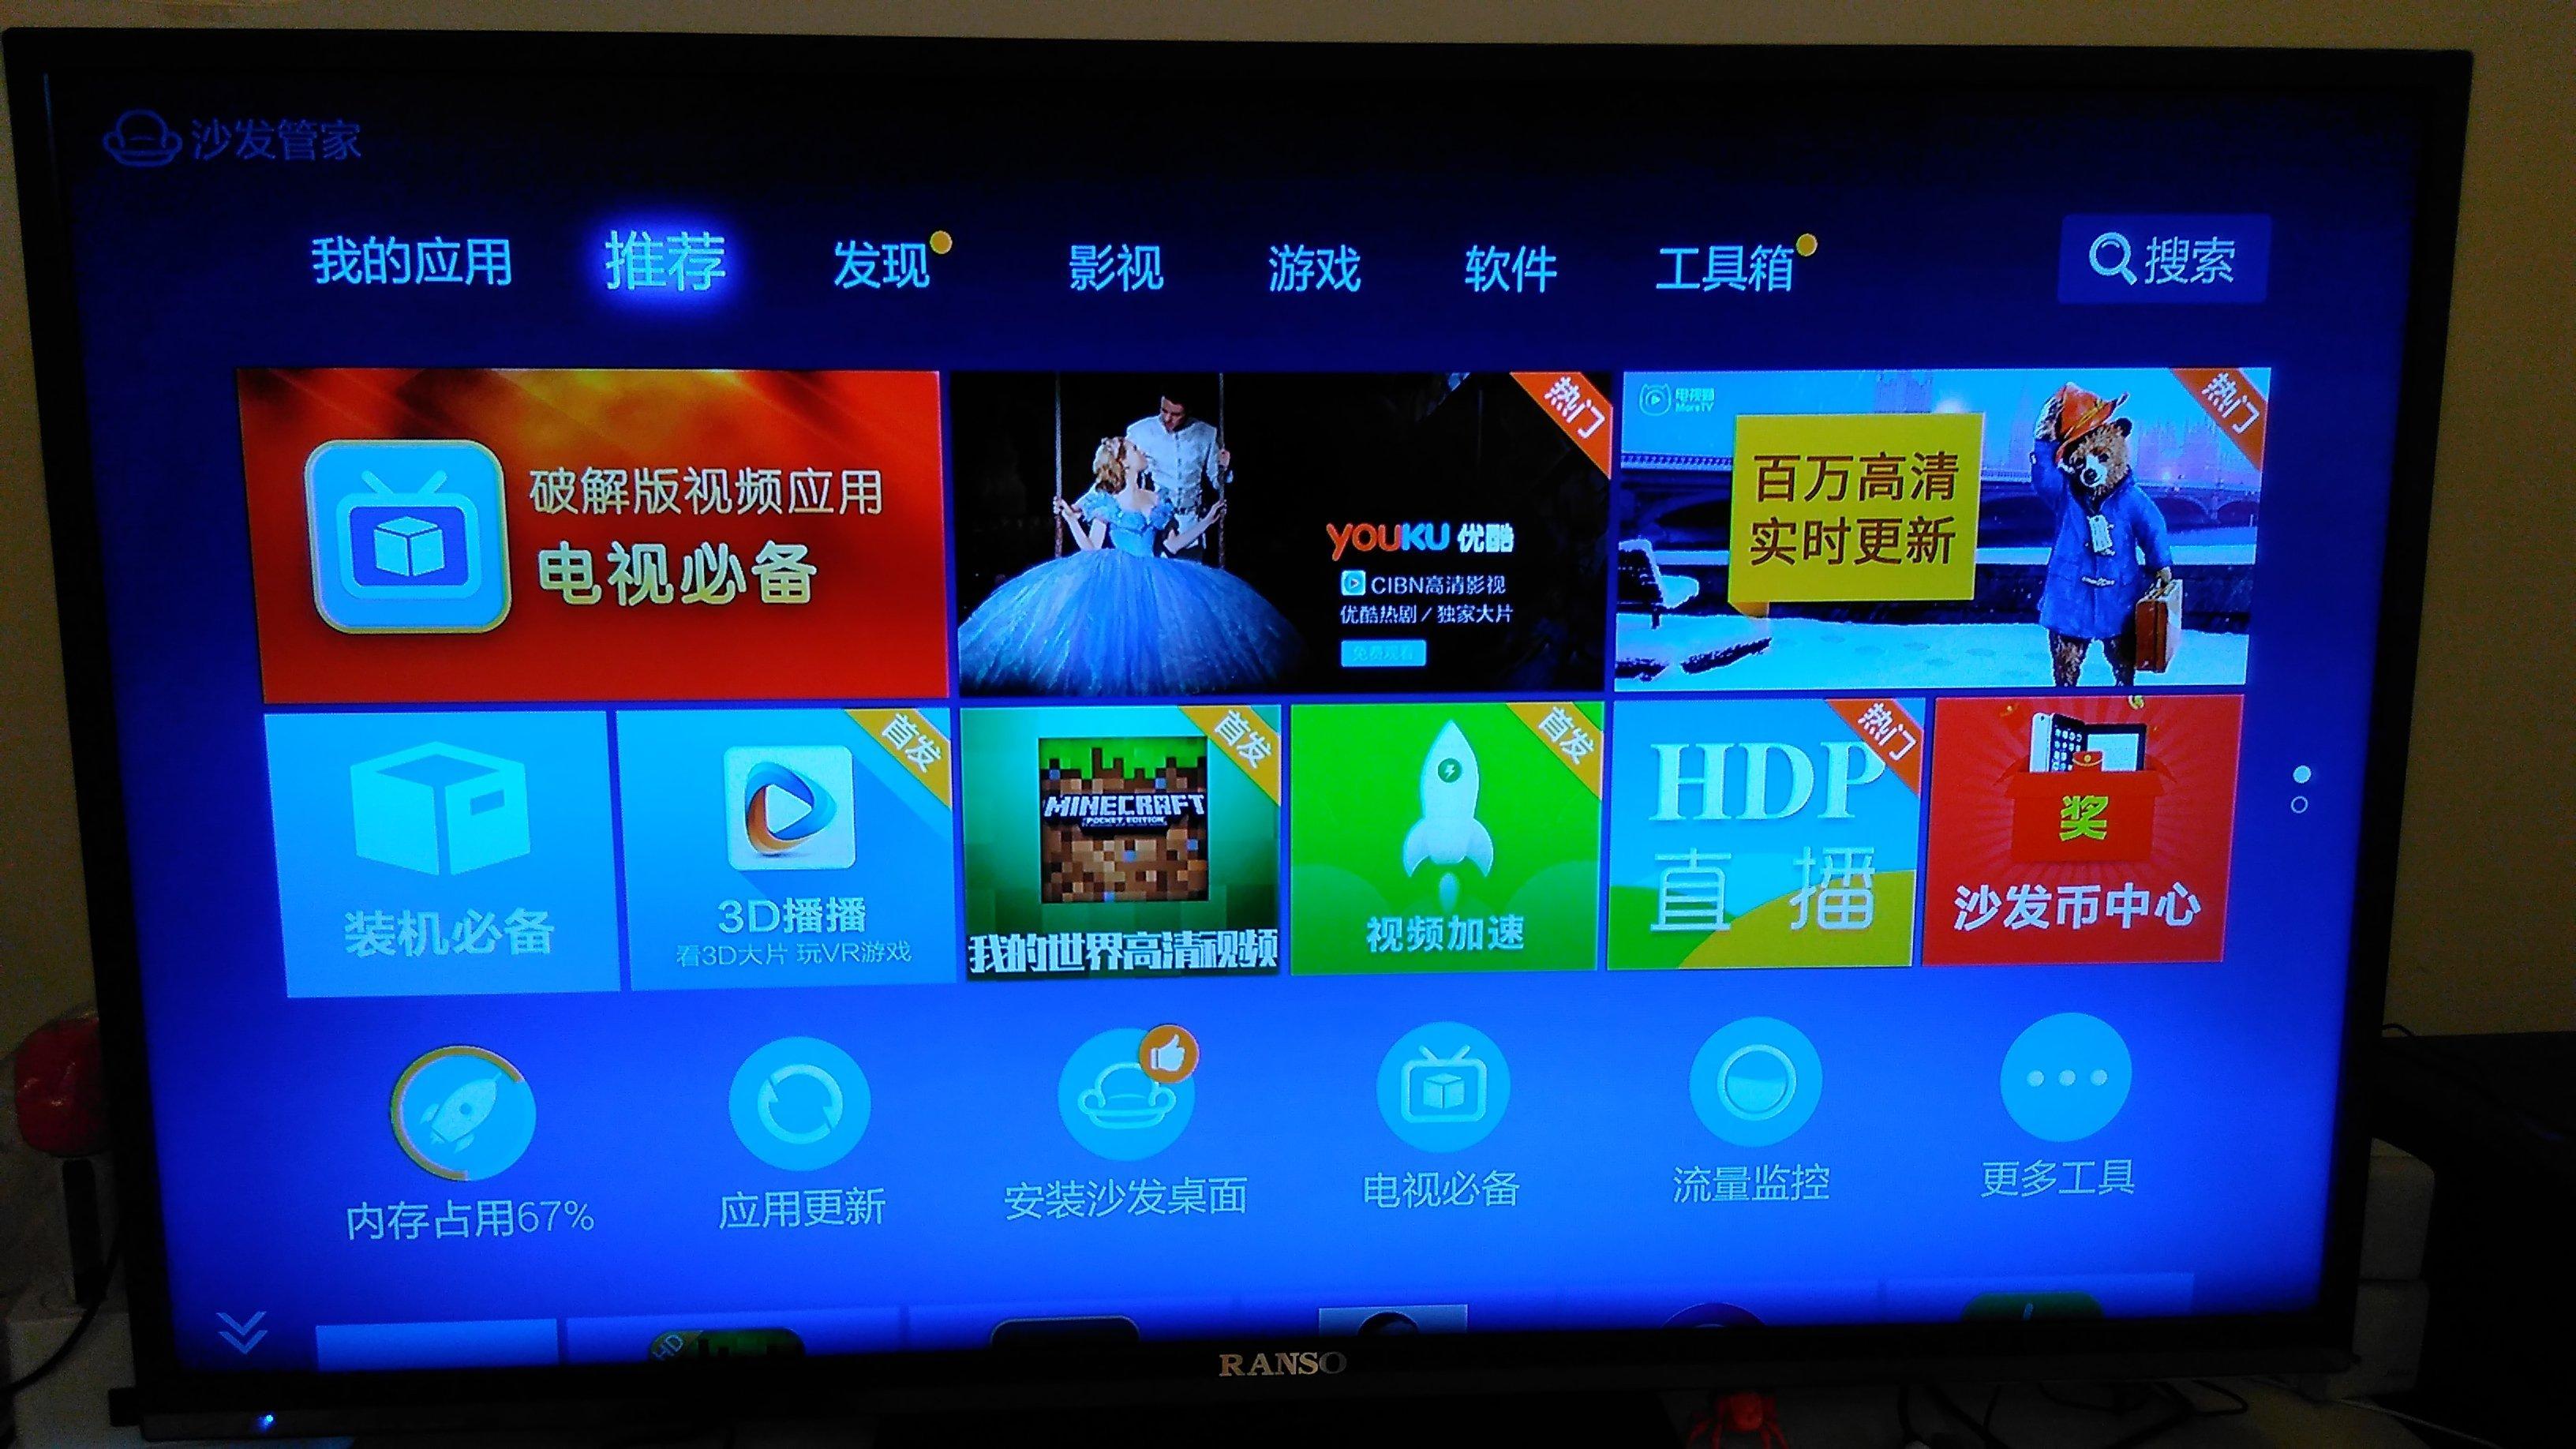 小米盒子1,2,3,4代 增強版 天貓魔盒 越獄+加強 安裝包USB版 看各種電影卡通連續劇+ 台灣大陸直播